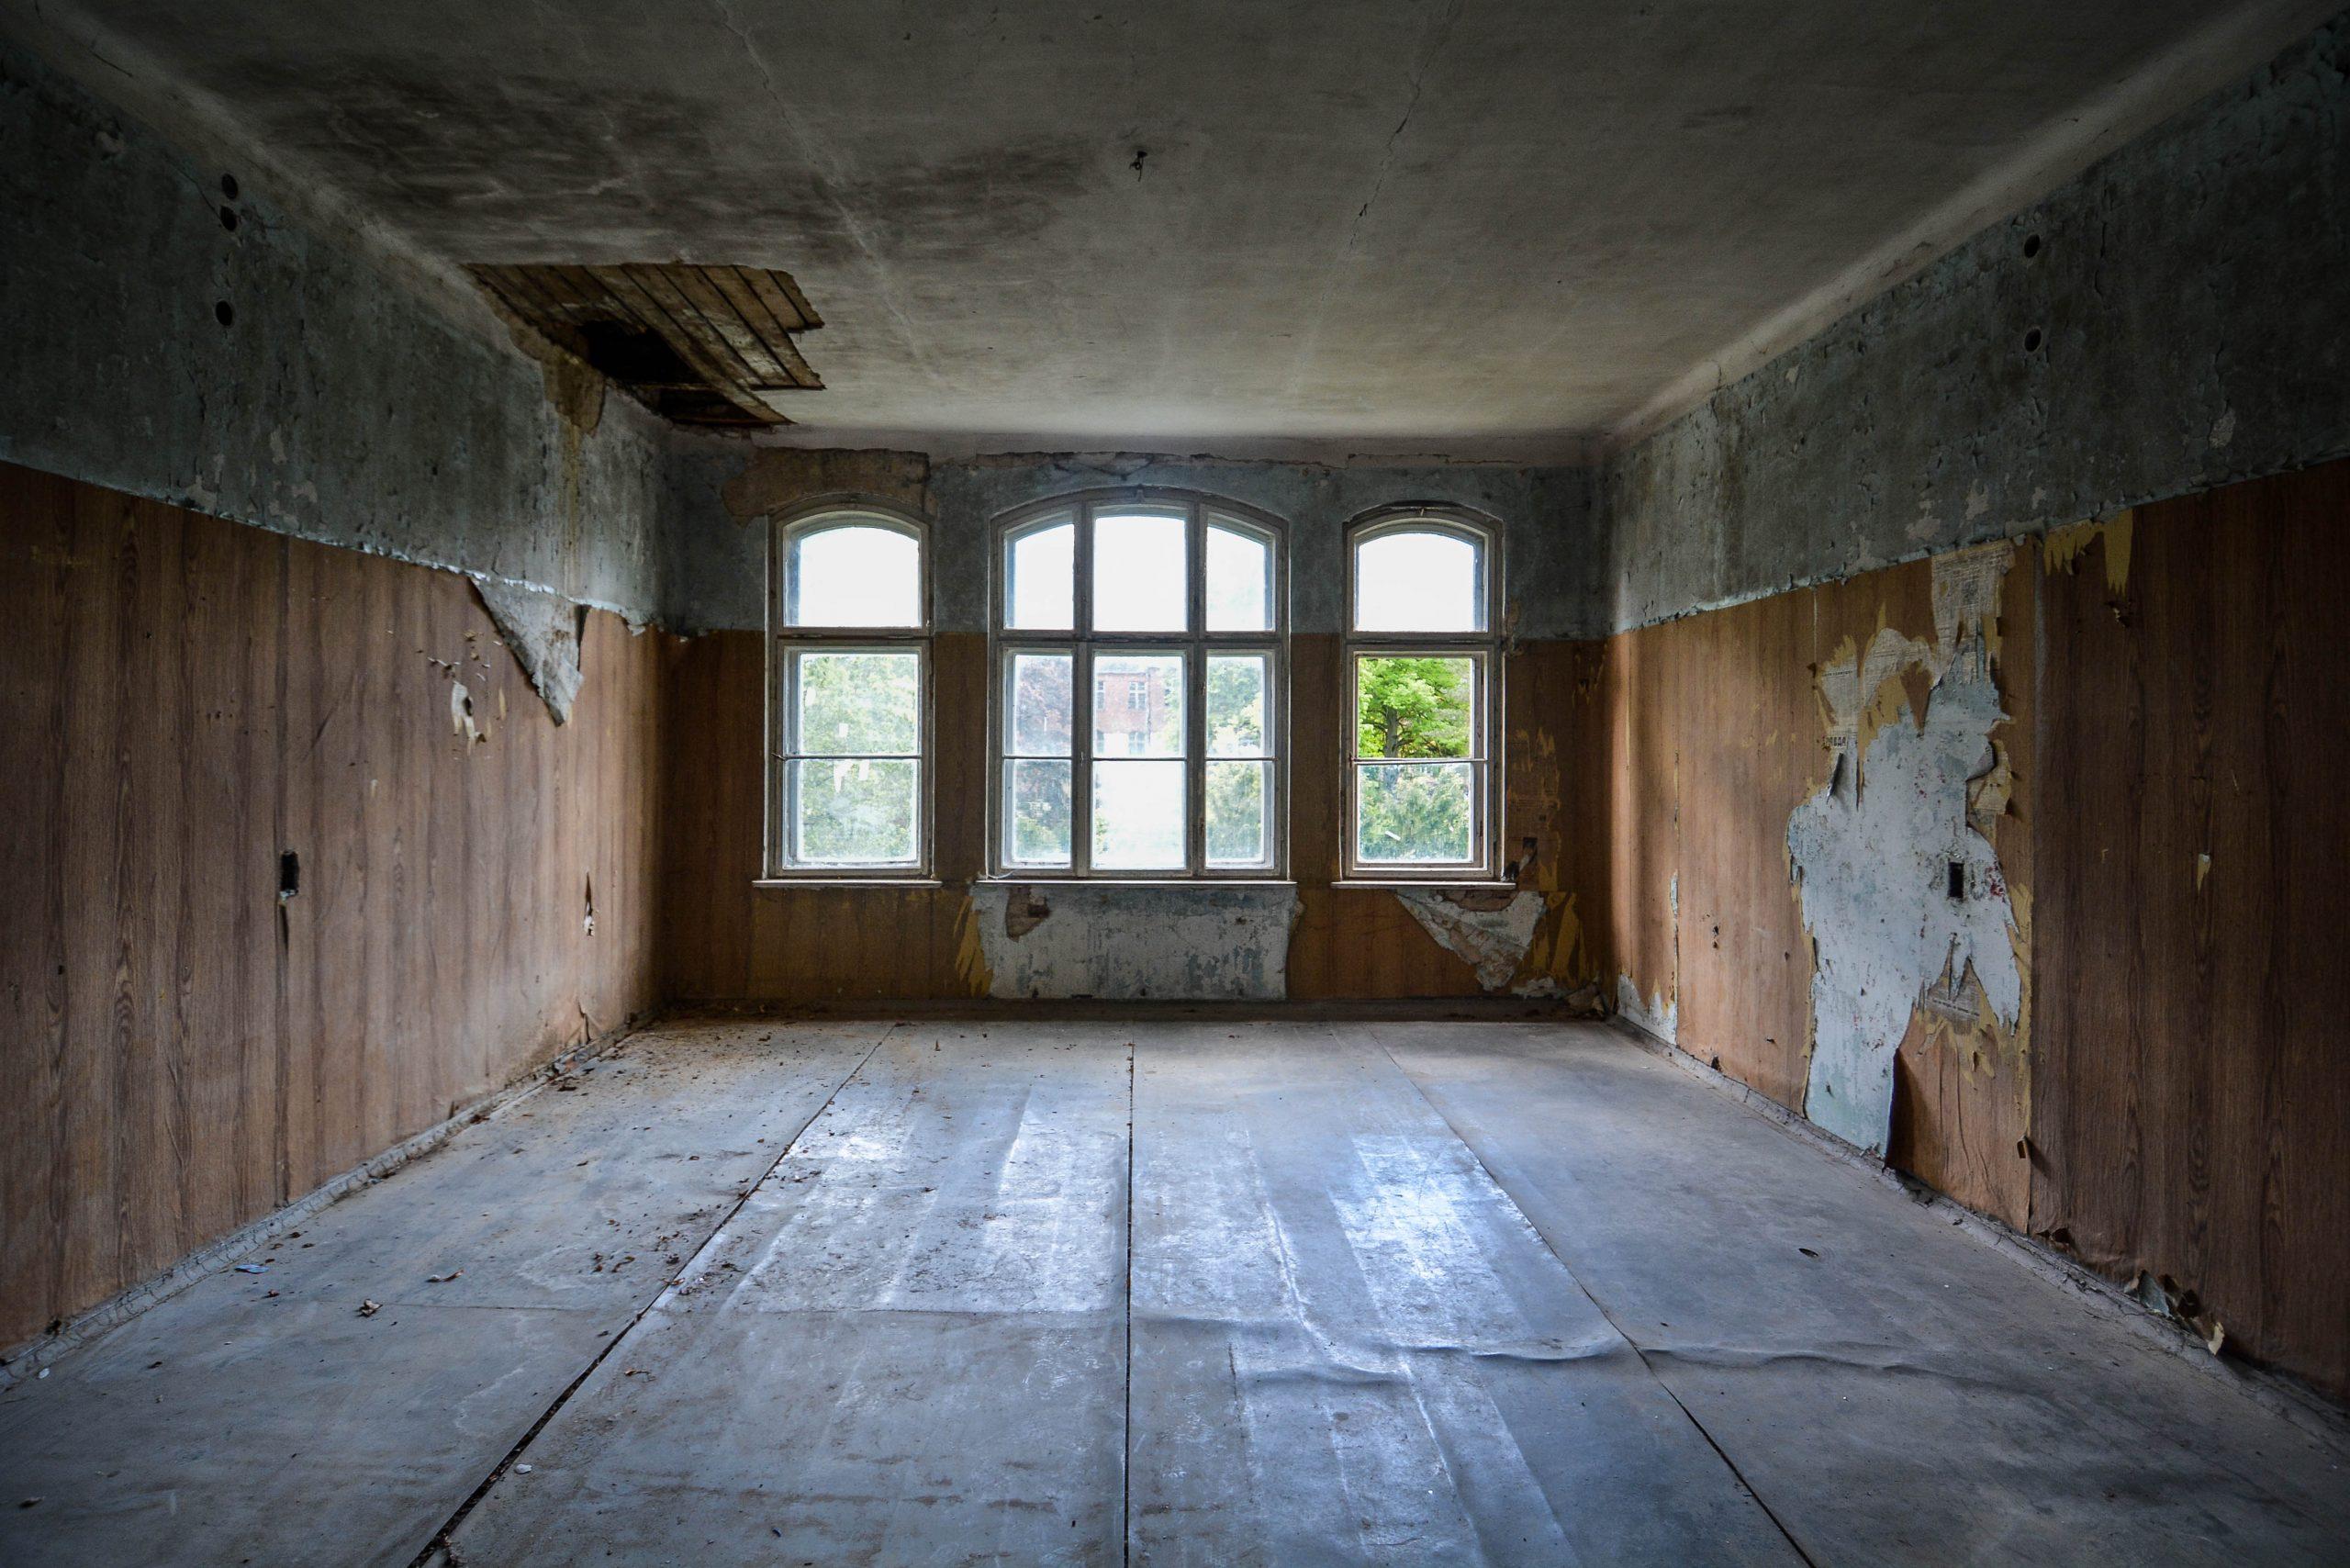 empty room grand windows tuberkulose heilstaette grabowsee sanatorium hospital oranienburg lost places abandoned urbex brandenburg germany deutschland